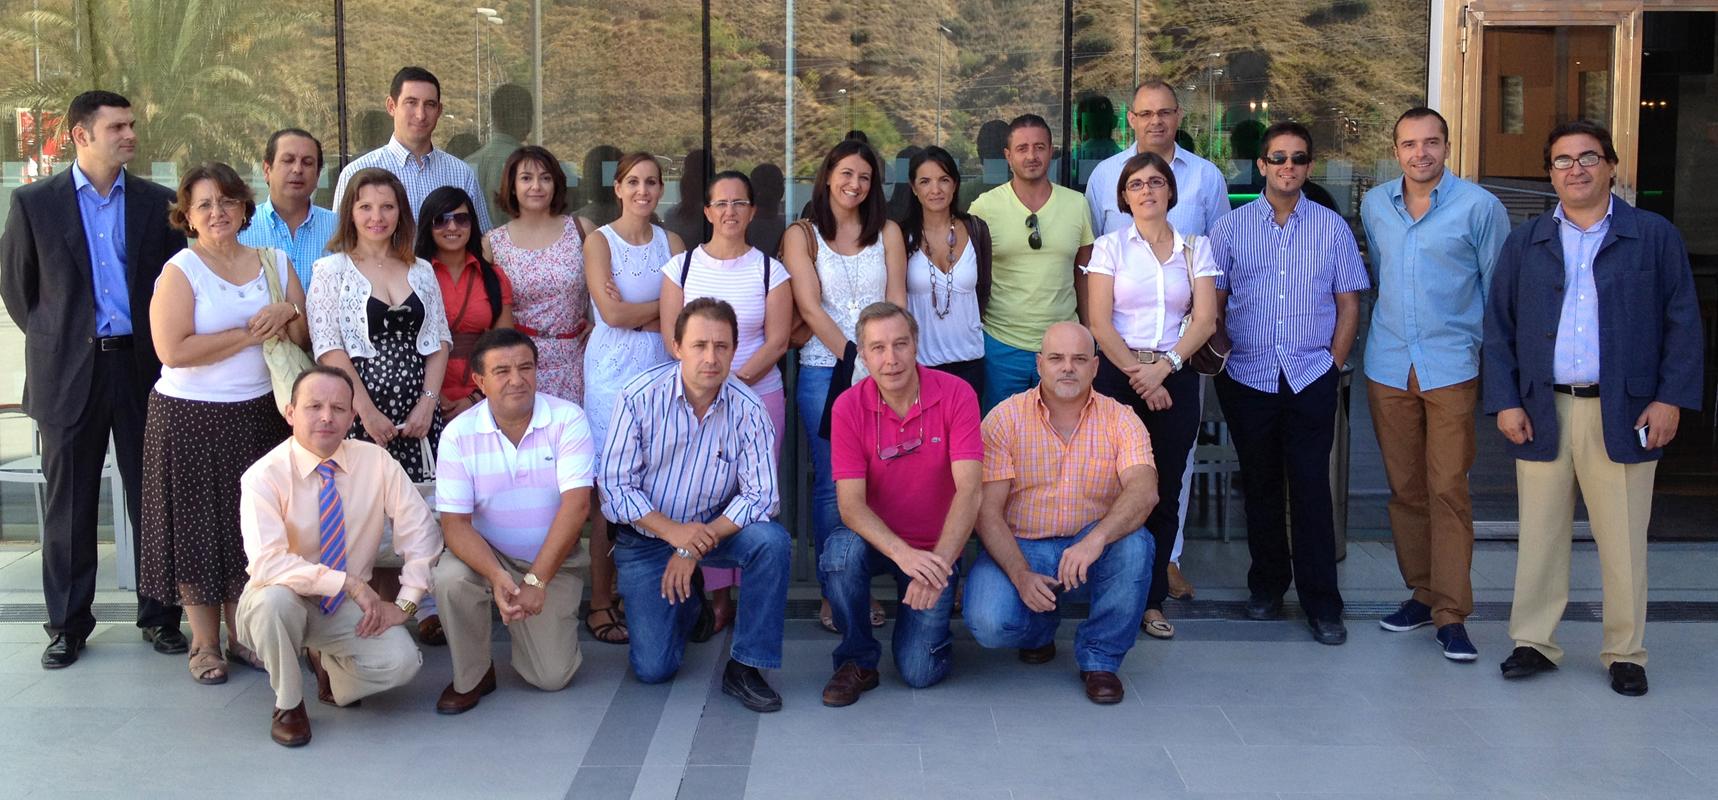 foto de familia del curso de idealista en 2012 en málaga